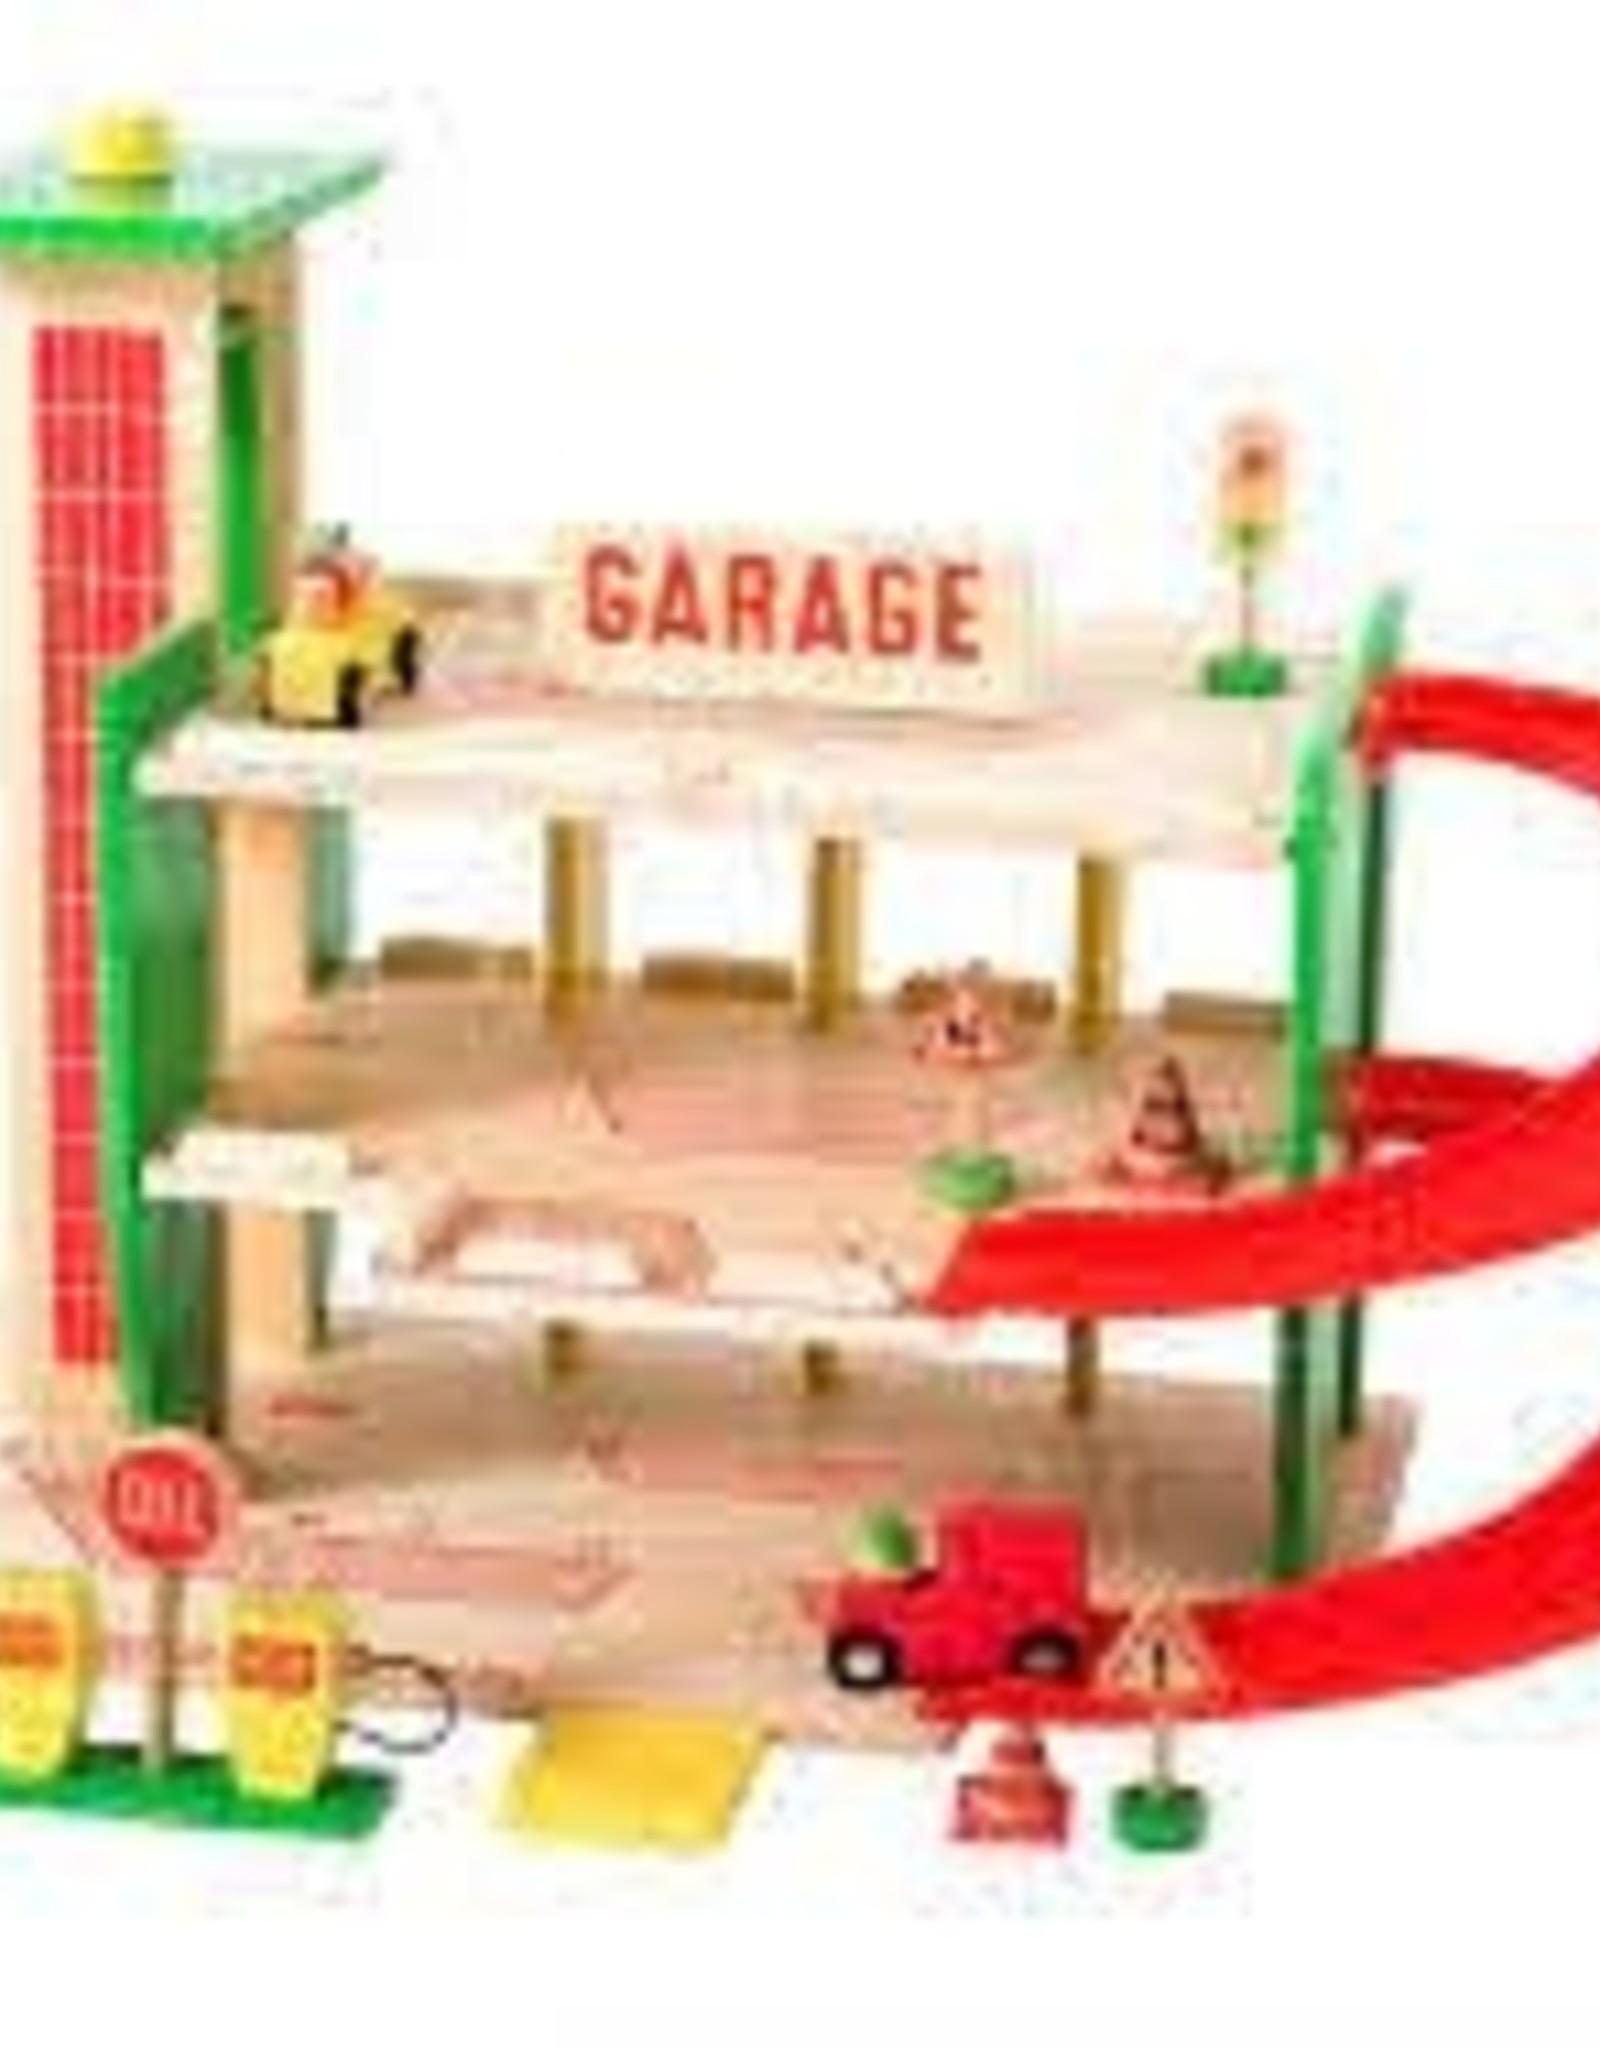 Moulin Roty Dans la ville -La Grande Garage